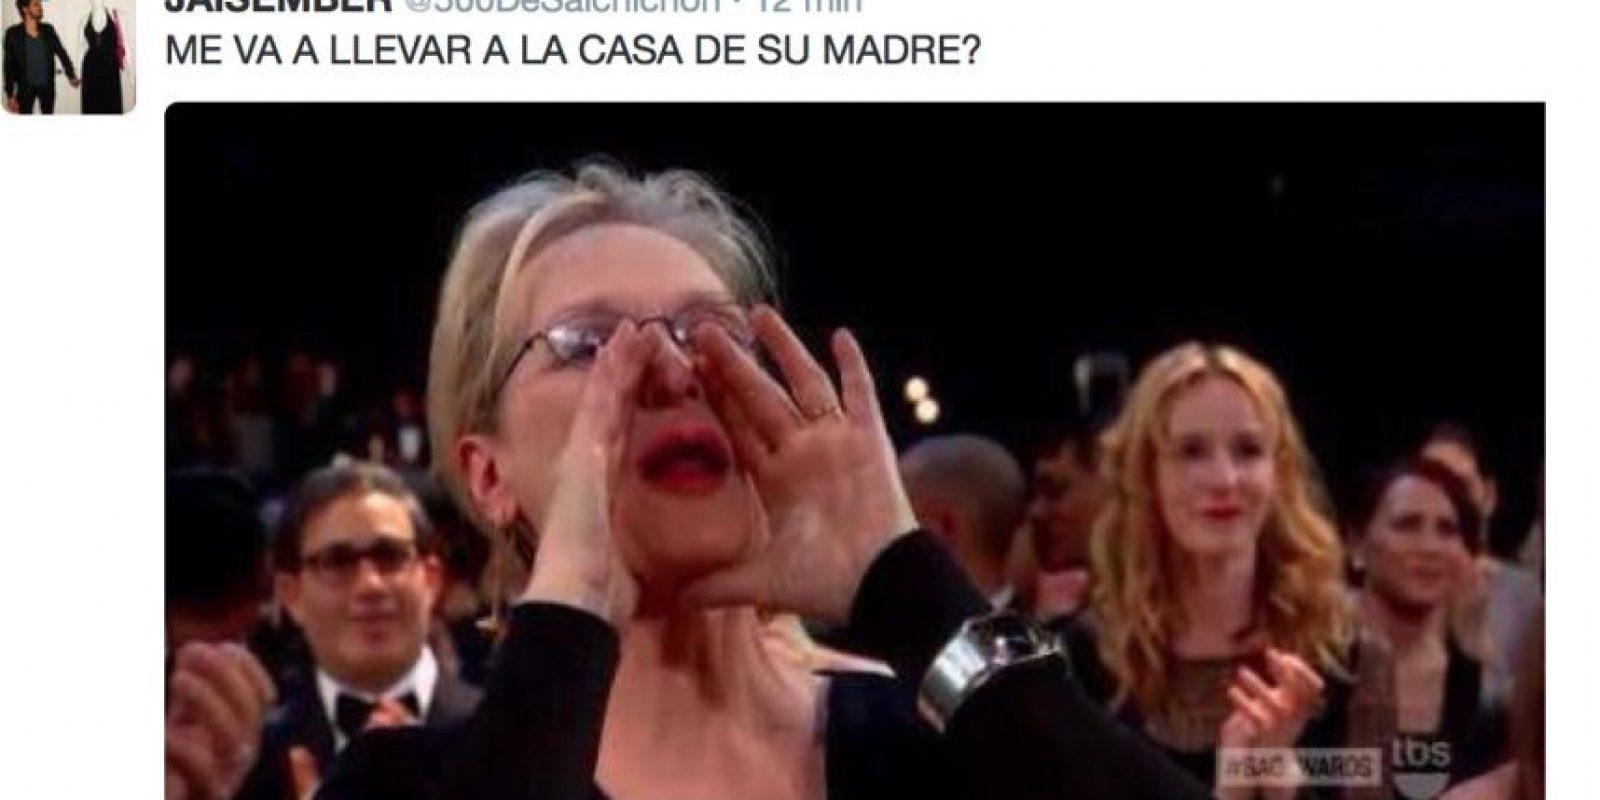 El grito de apoyo de Meryl Streep hacia Patricia Arquette se convirtió en un meme que ha generado las más ingeniosas ocurrencias Foto:Twitter